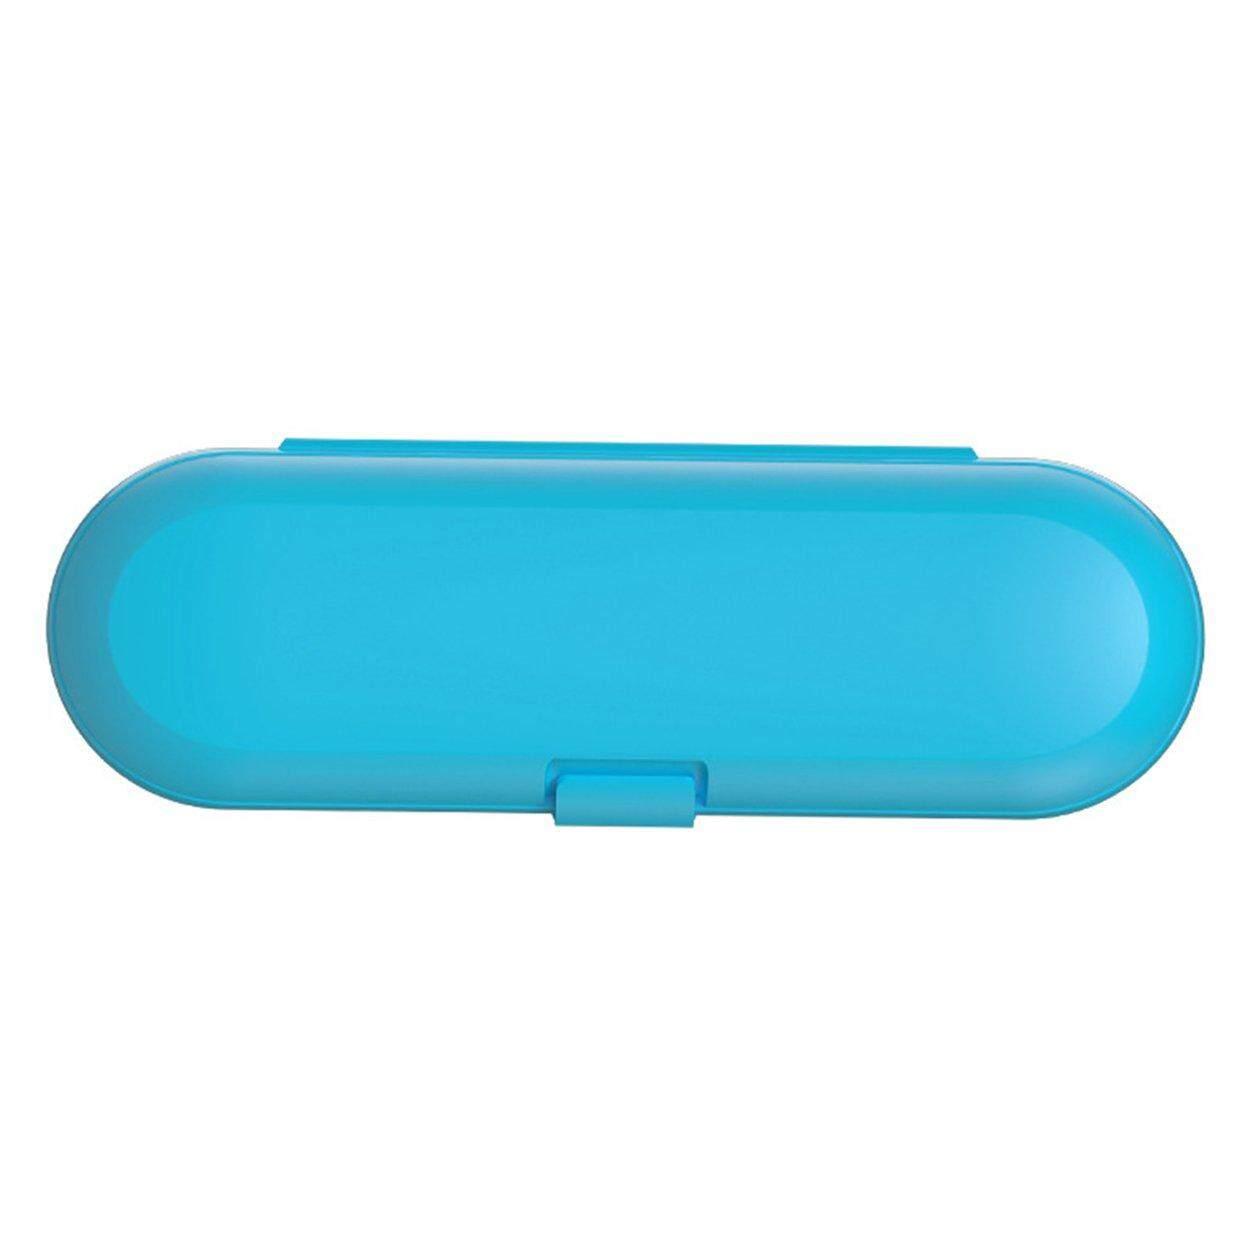 แปรงสีฟันไฟฟ้า ช่วยดูแลสุขภาพช่องปาก พิษณุโลก TOP ข้อเสนอสำหรับ Philips ไฟฟ้า TOOT Hbrush กล่องแบบพกพา TOOT Hbrush กล่องเก็บของ